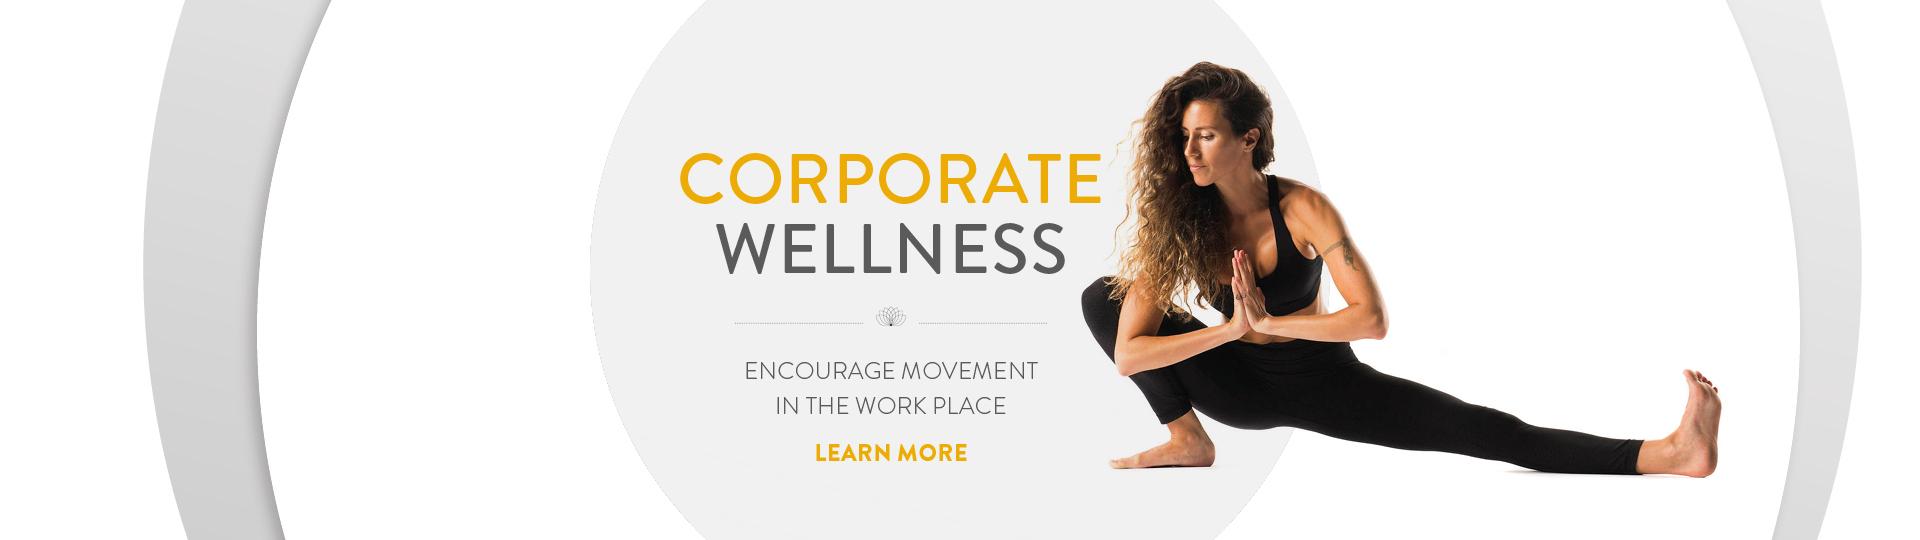 0605_KAYA_WEB_Corp-Wellness_WEBSLIDER_05.01.19 (2)